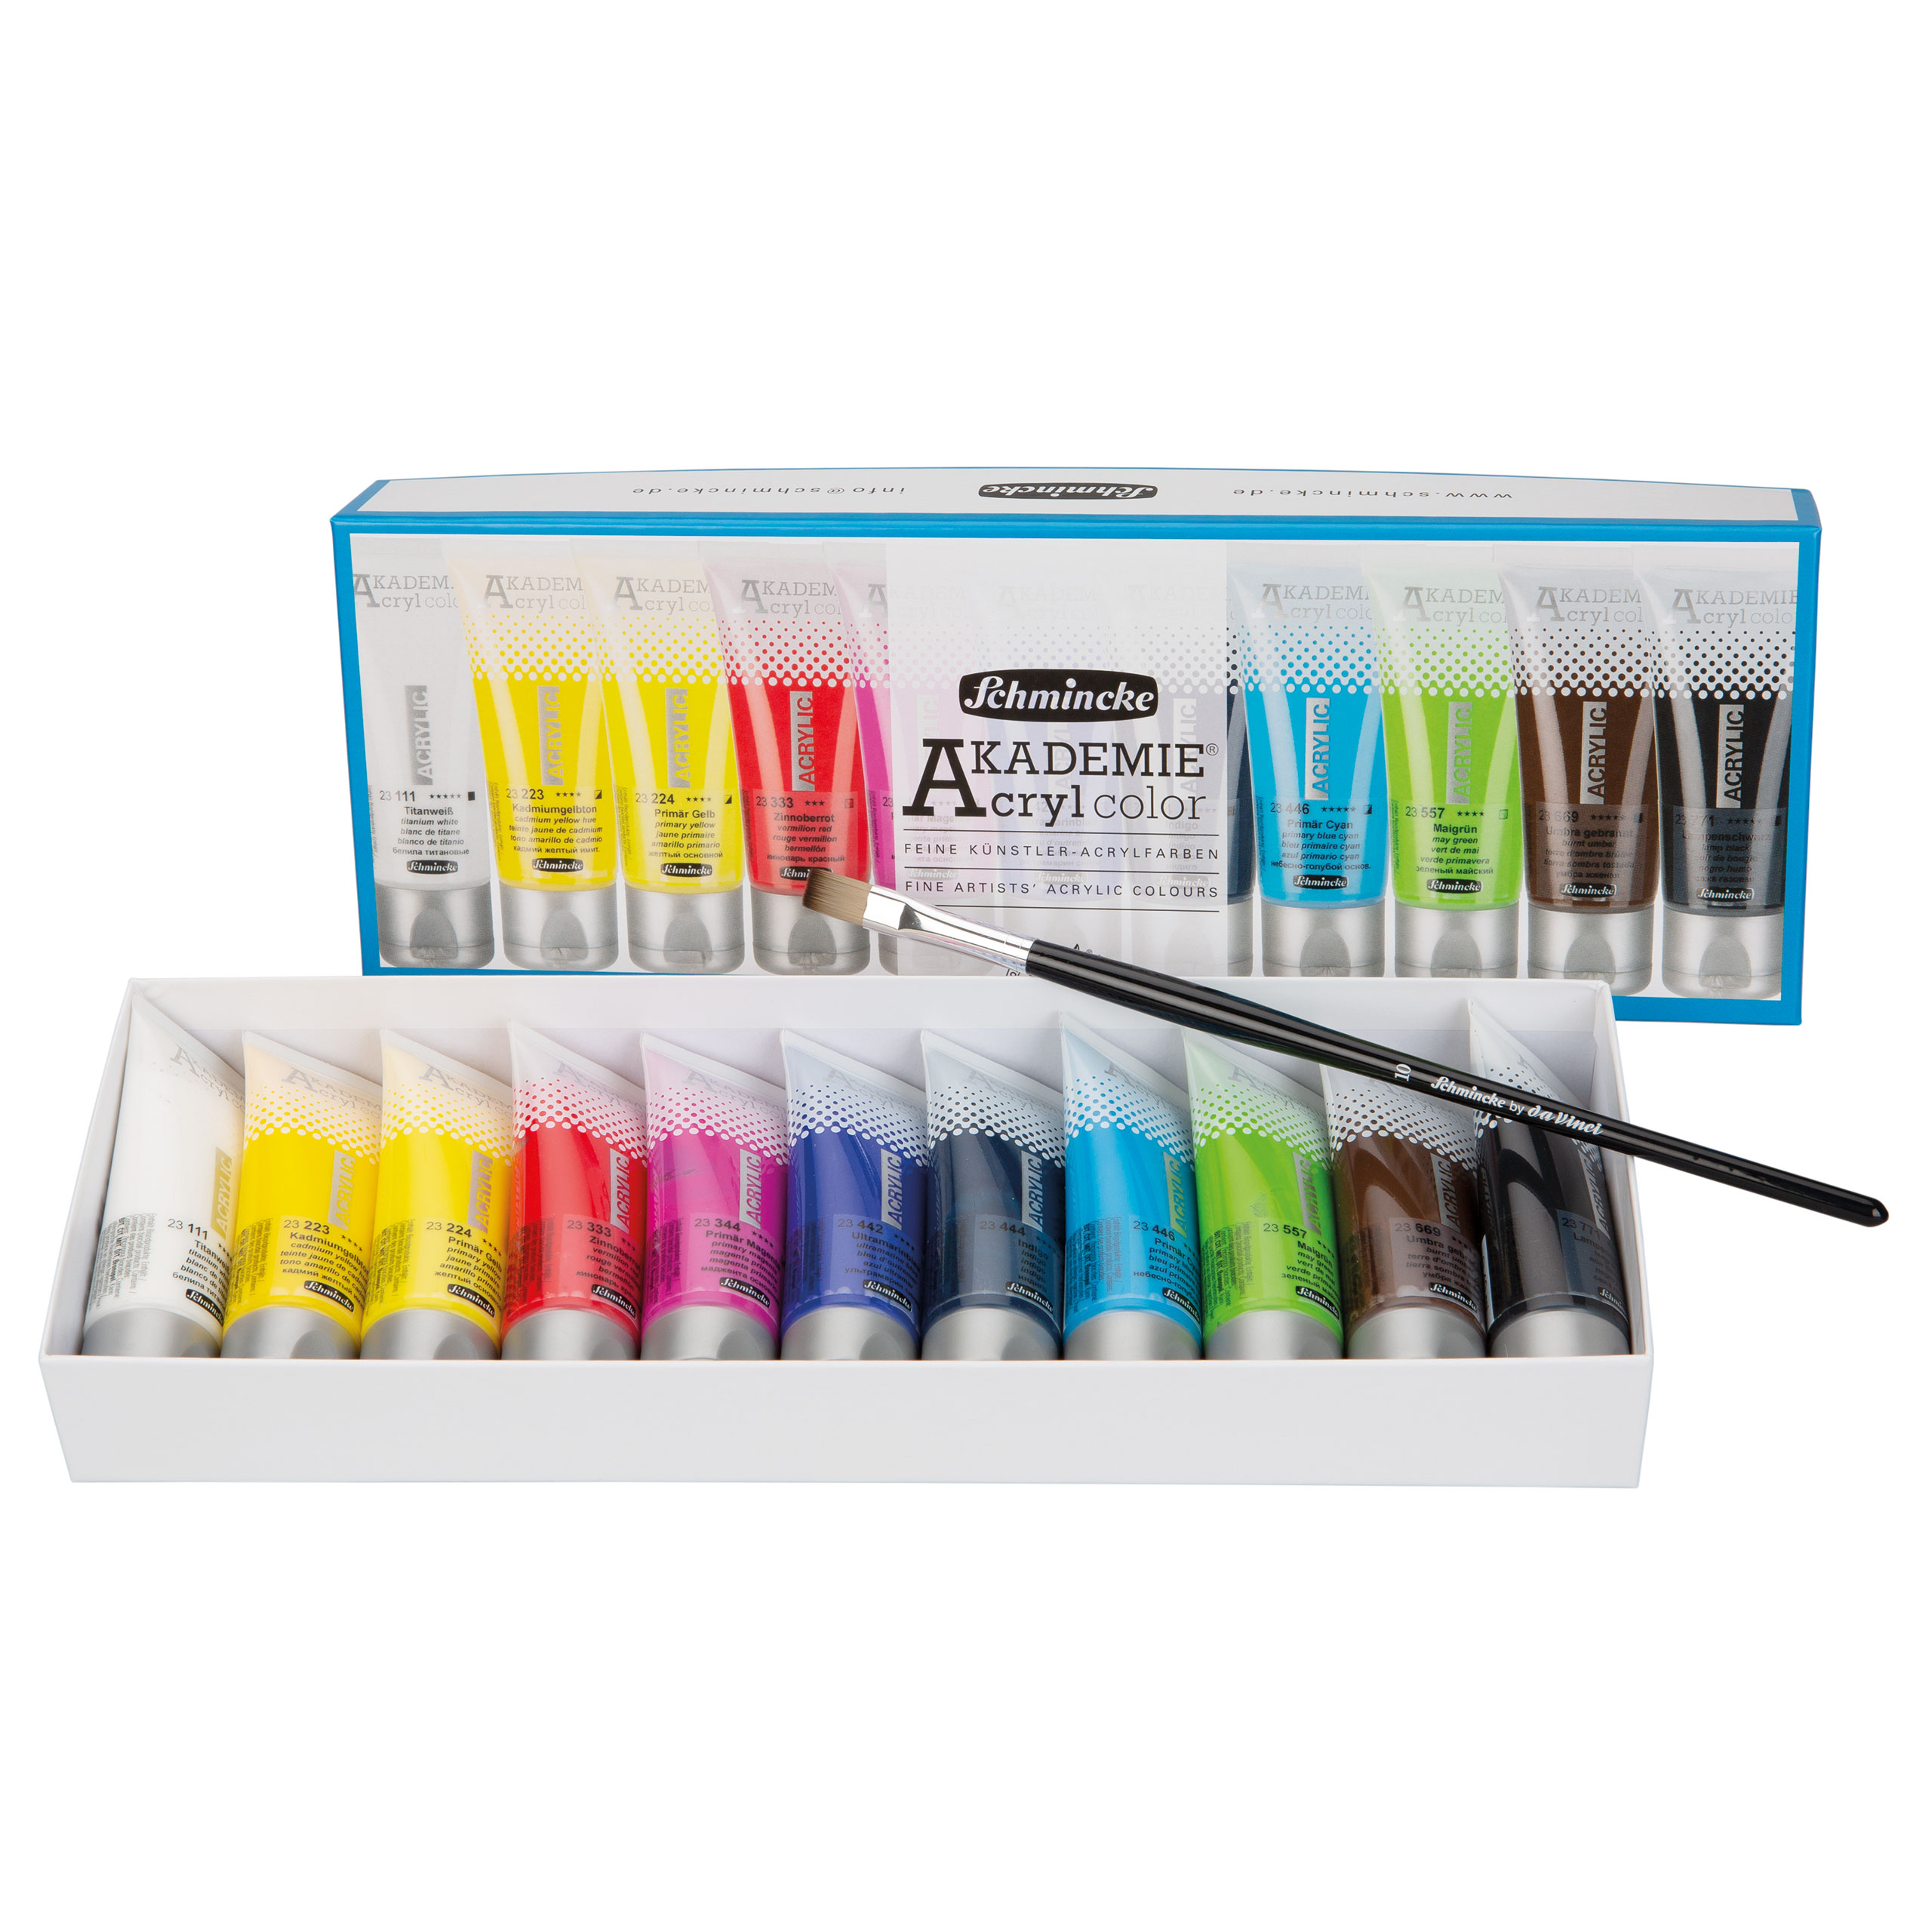 AKADEMIE Acryl Farben Set 11 x 40ml mit daVinci Pinsel Schmincke 76 752 097 ***